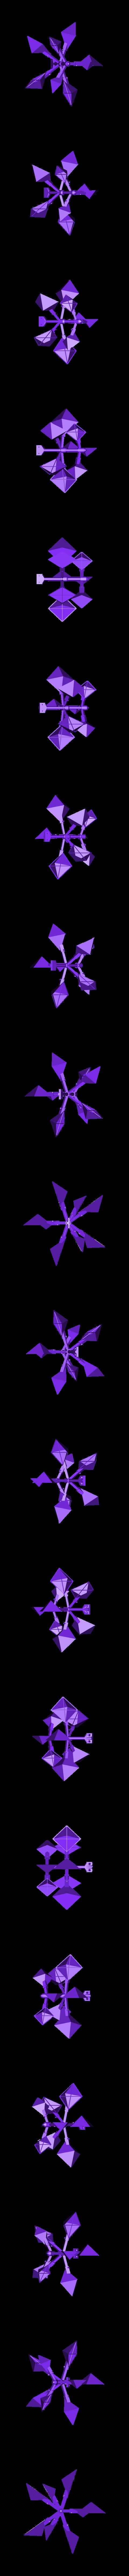 Windrad_V4-a2.stl Download free STL file Wind Gauge / Windspiel V4 (customizable) • 3D printable object, dede67